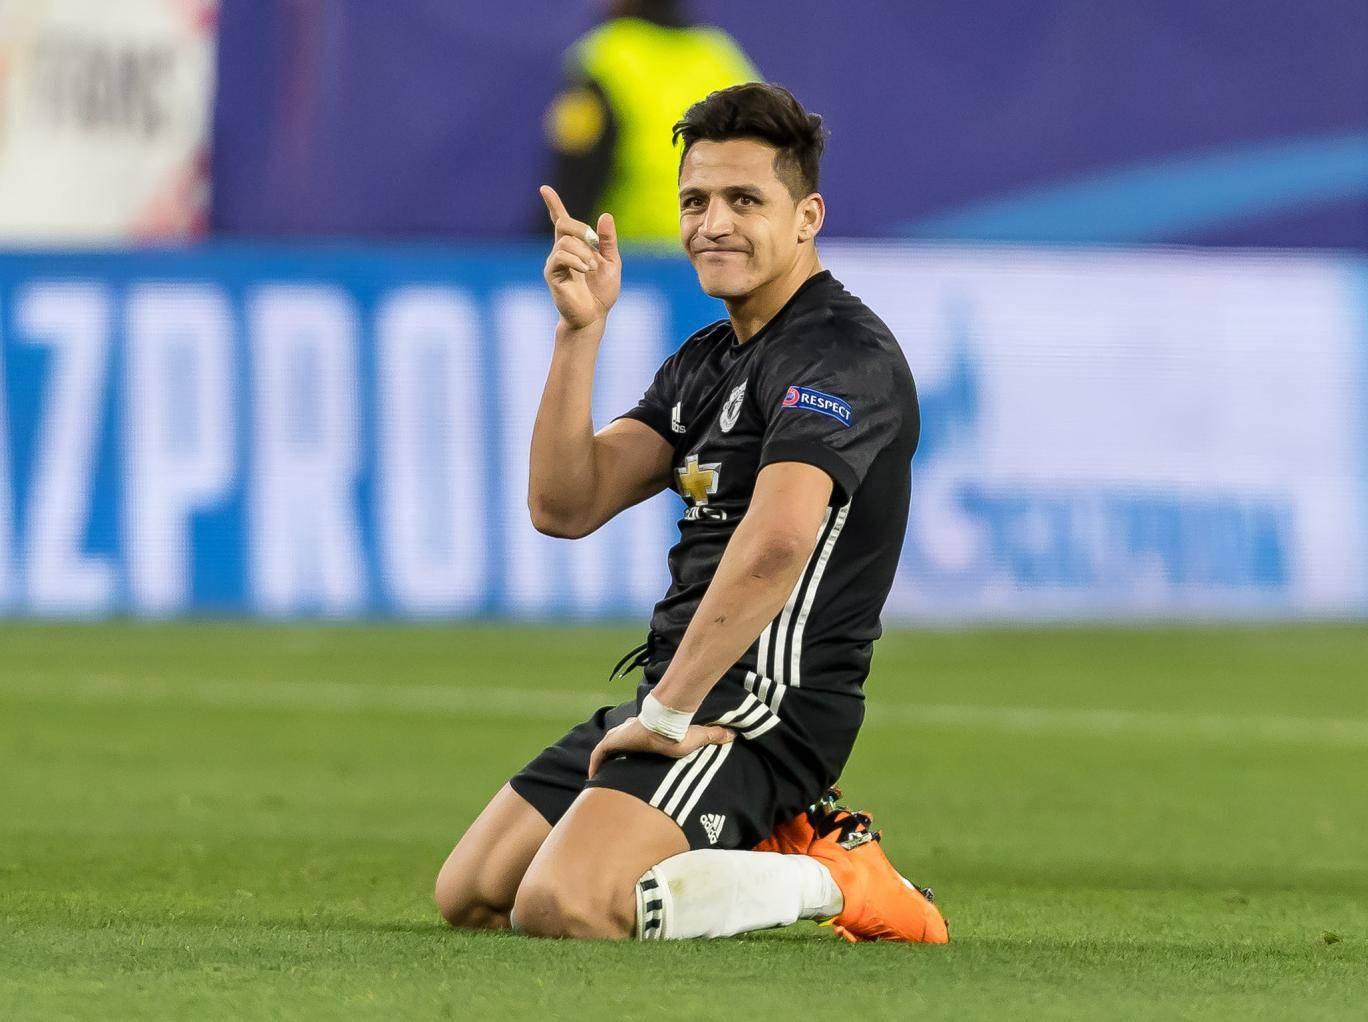 Hình ảnh: Tờ Independent nhận xét ''Sanchez vẫn chưa tìm thấy vị trí tốt nhất để tỏa sáng trong đội hình MU''